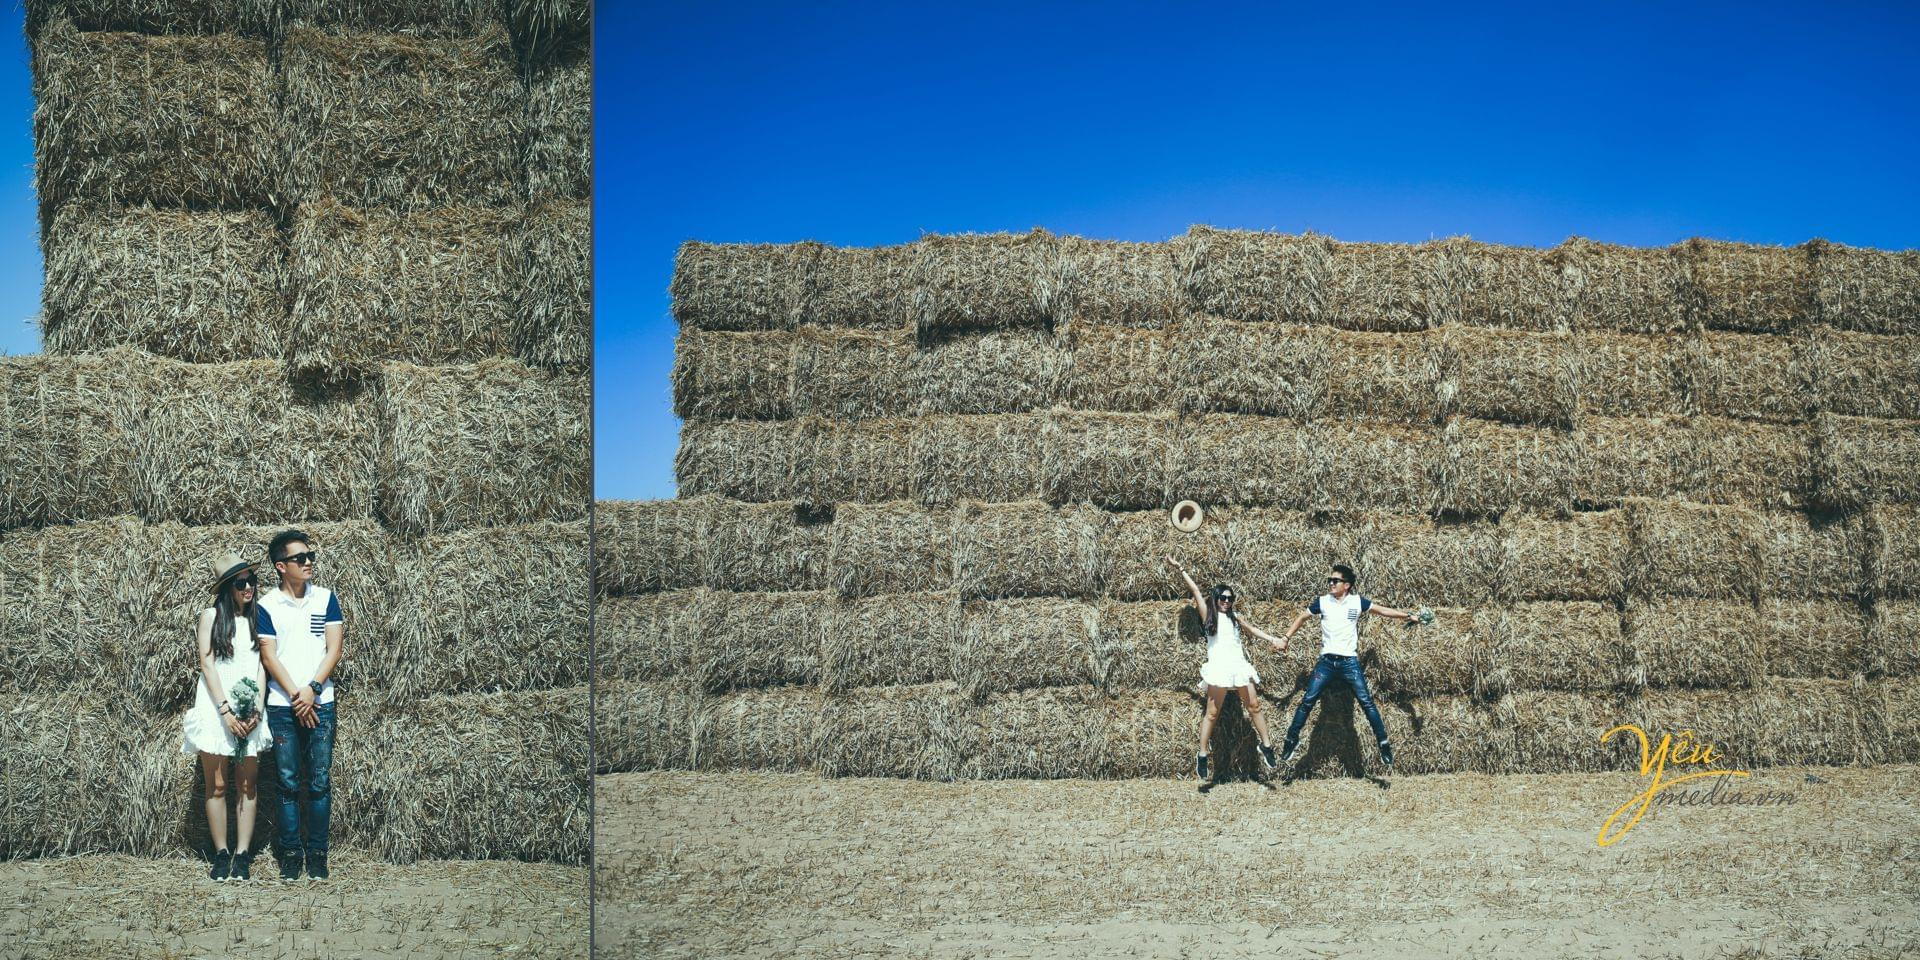 ảnh cưới ngoại cảnh chụp đồi cỏ châu âu